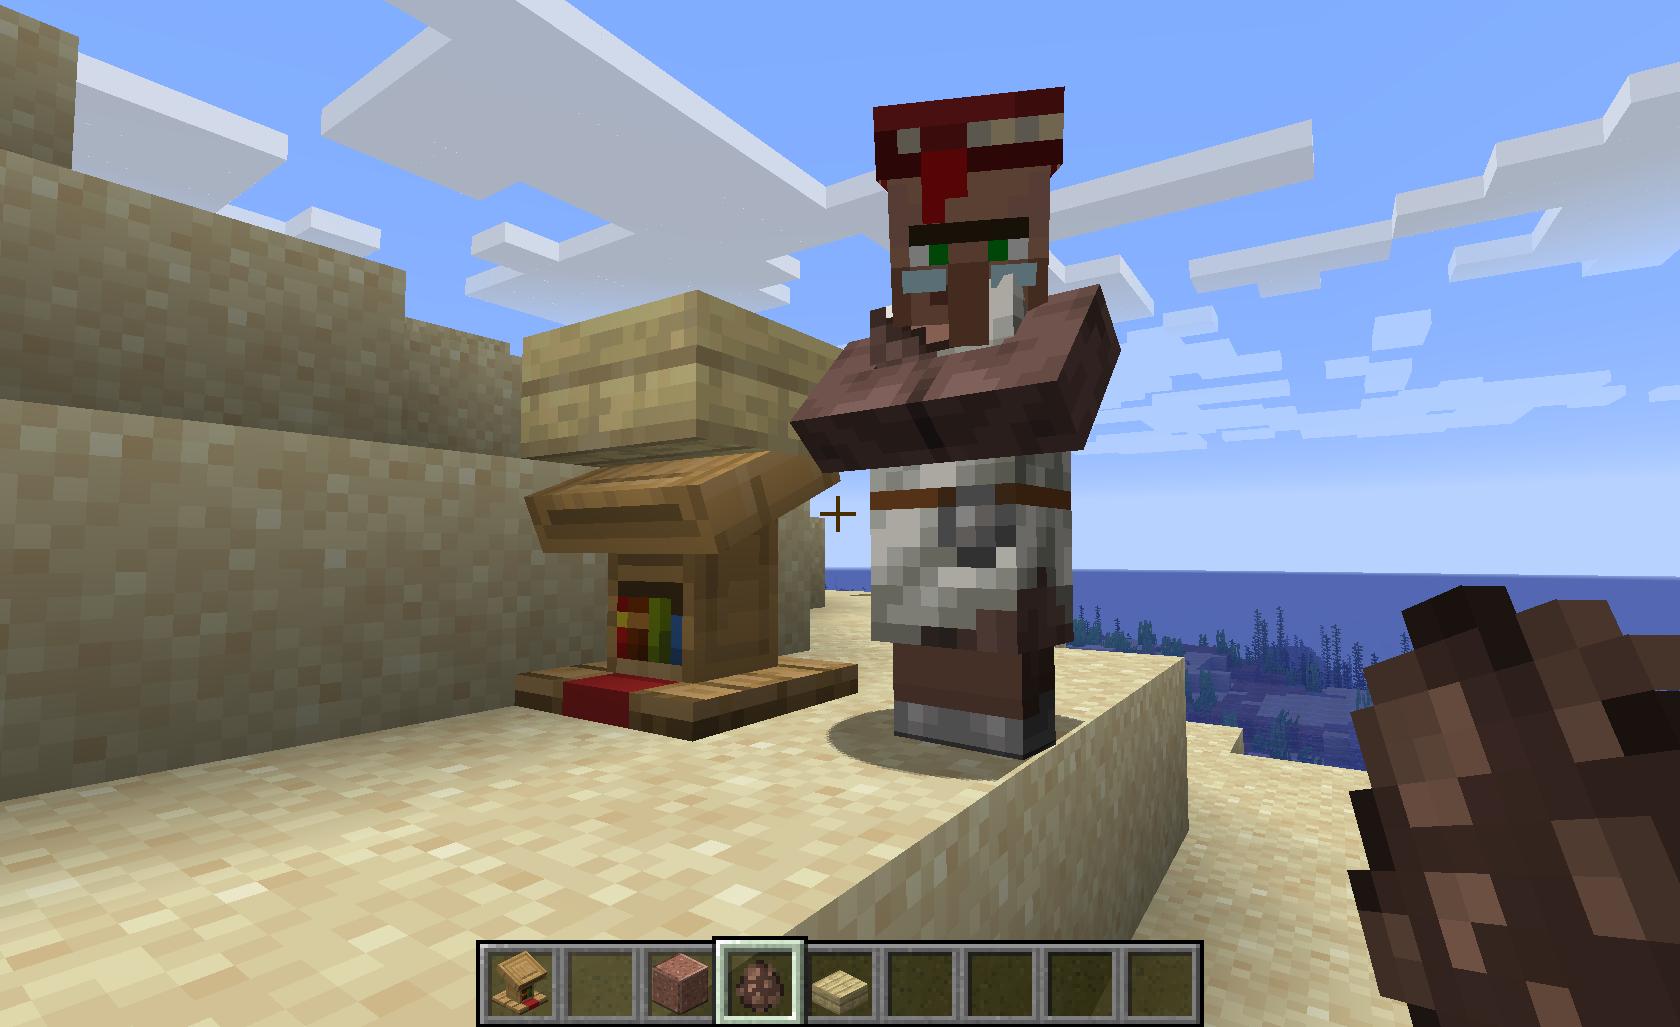 minecraft villager trades 1.13